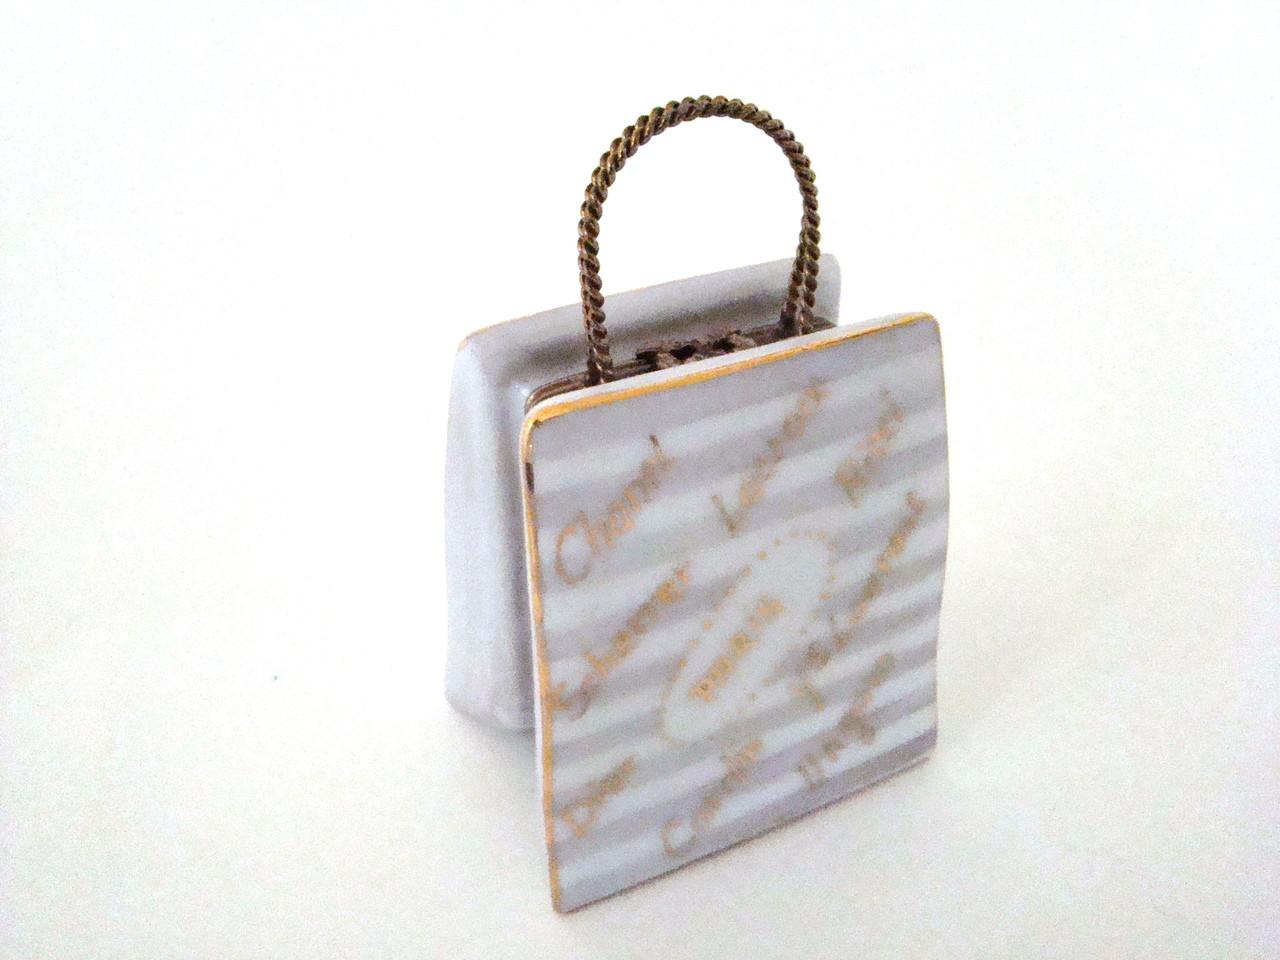 S&D Designer Paris Shopping Bag Limoges Box with Necklace